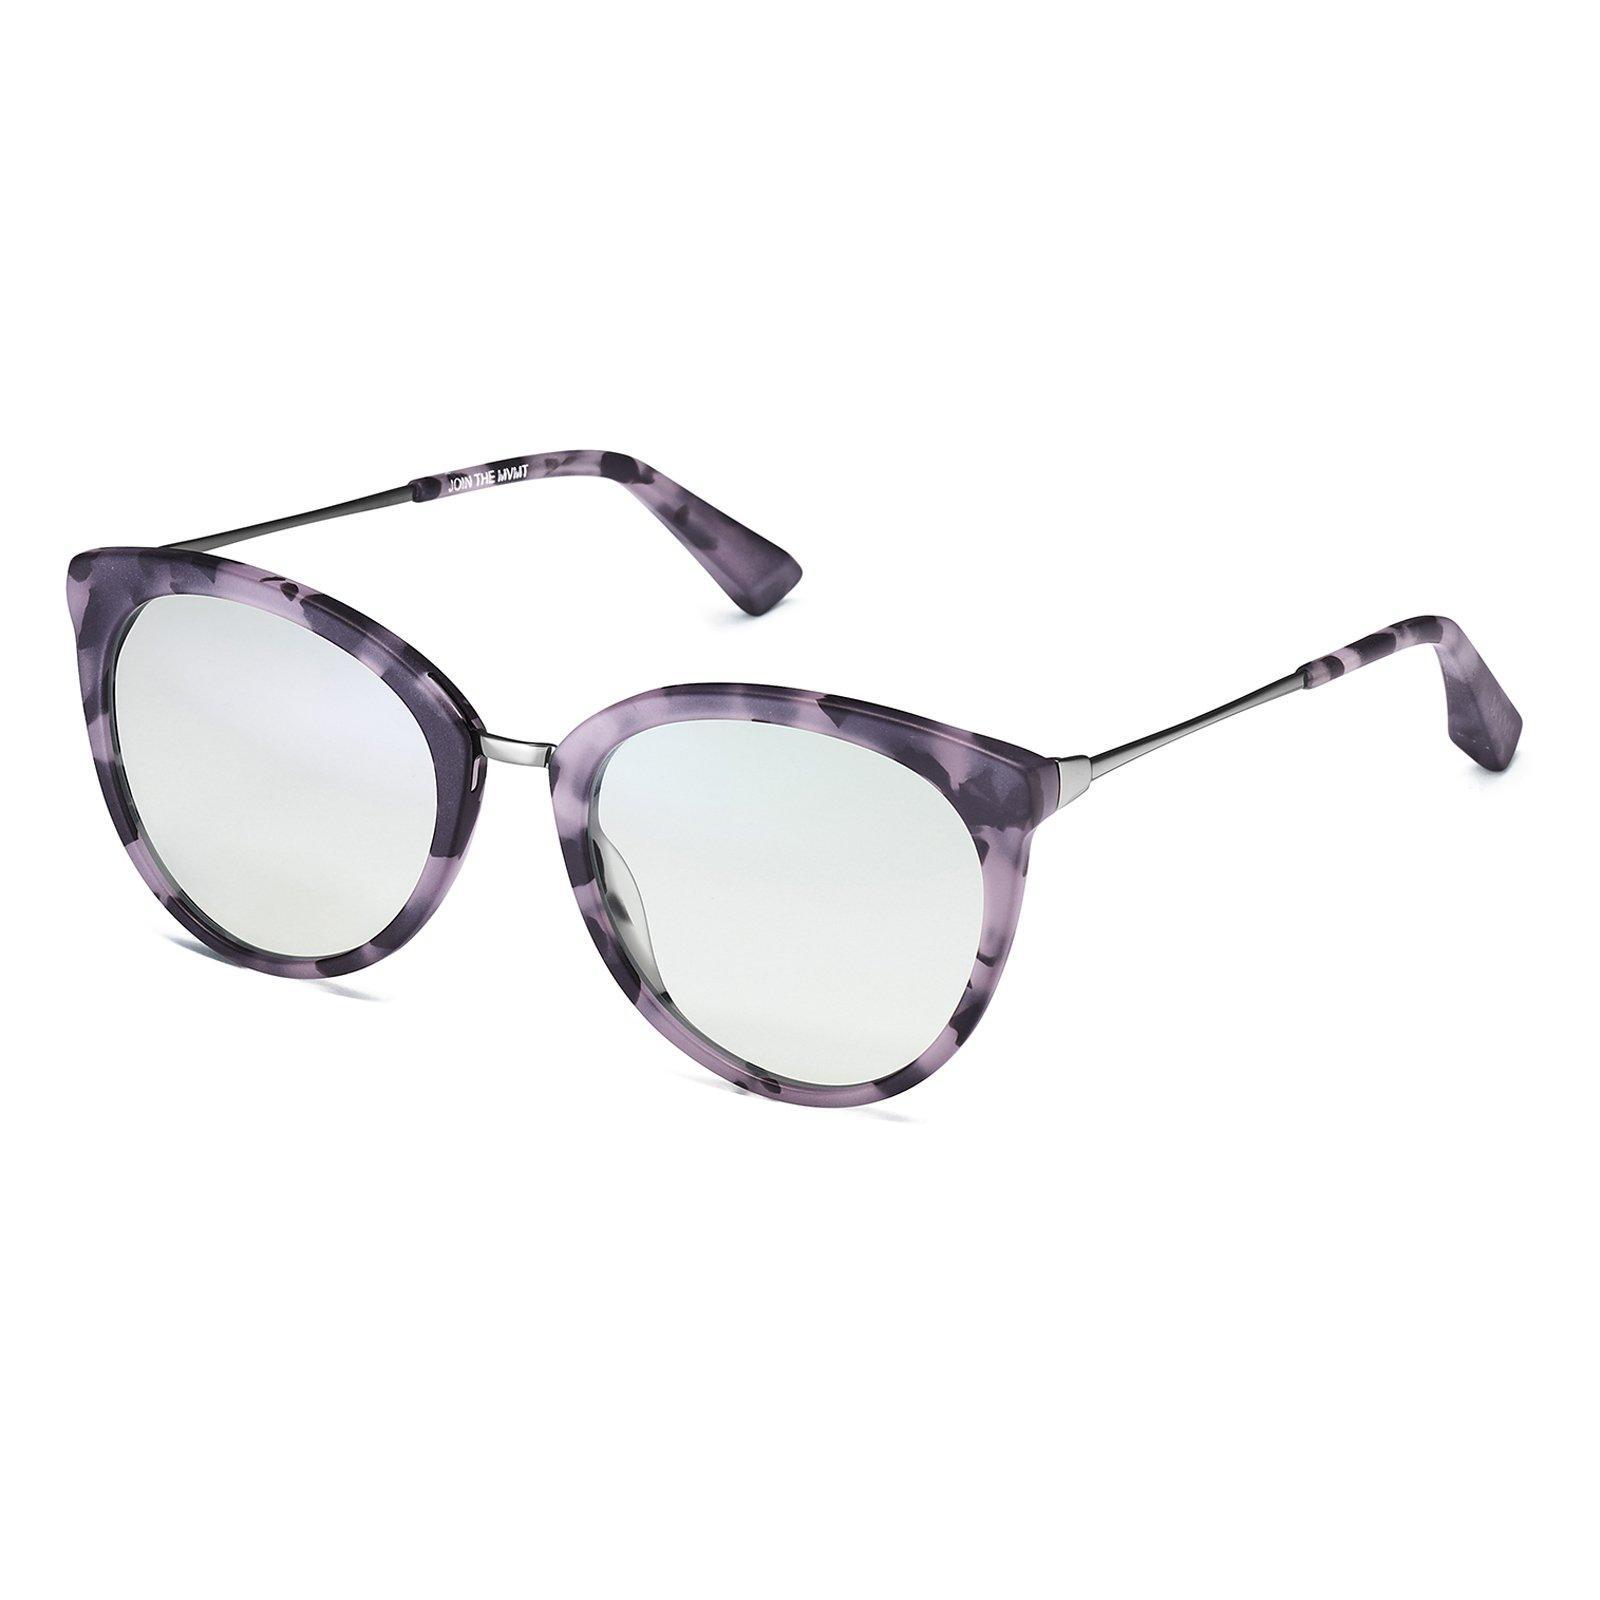 c0aa8956f1f Women's Muse Clear Purple Tortoise + Clear Lens